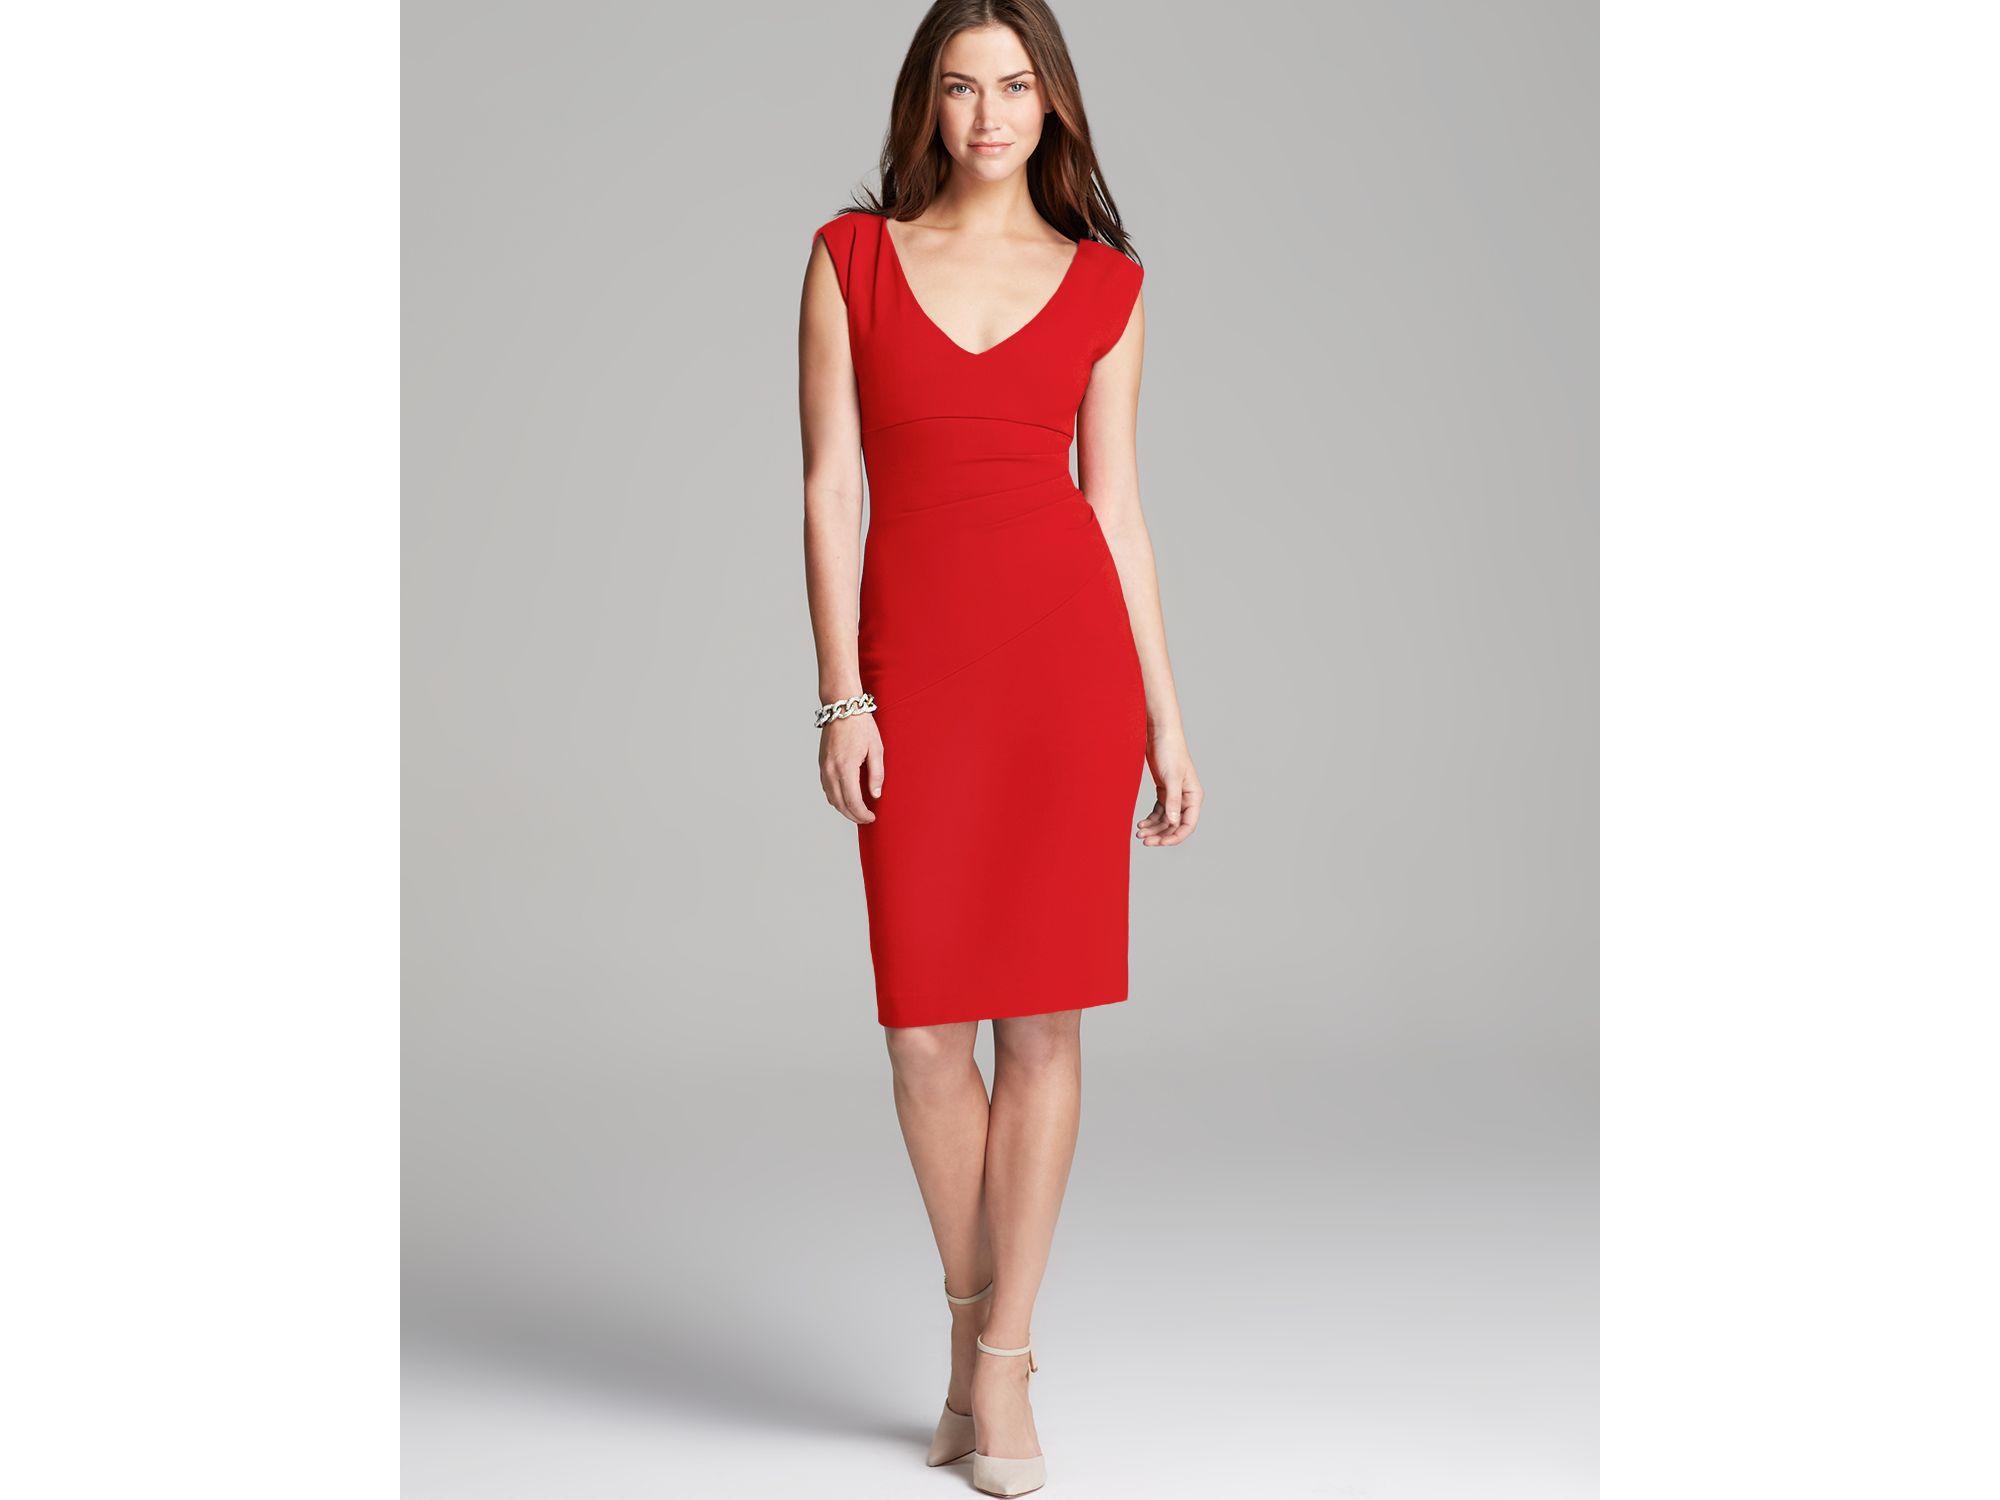 087a0d8a14c Diane Von Furstenberg Red Dress - Best Red Colour